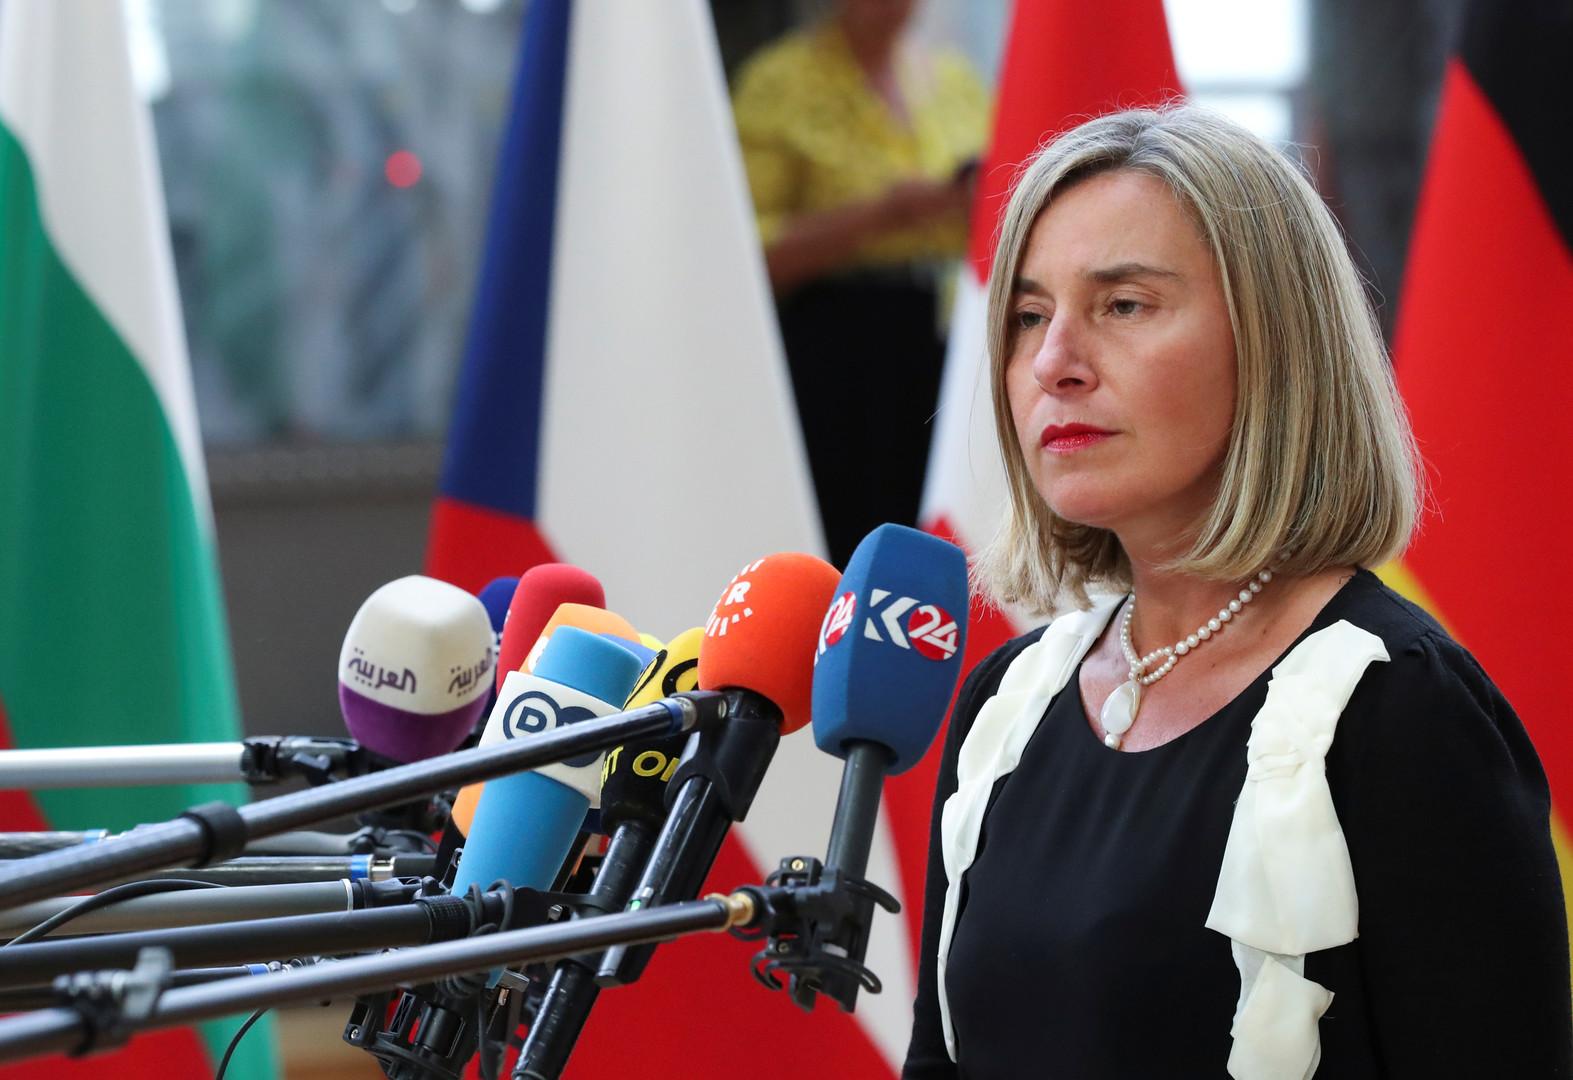 المفوضة العليا لشؤون السياسة الخارجية في الاتحاد الأوروبي فيديريكا موغيريني